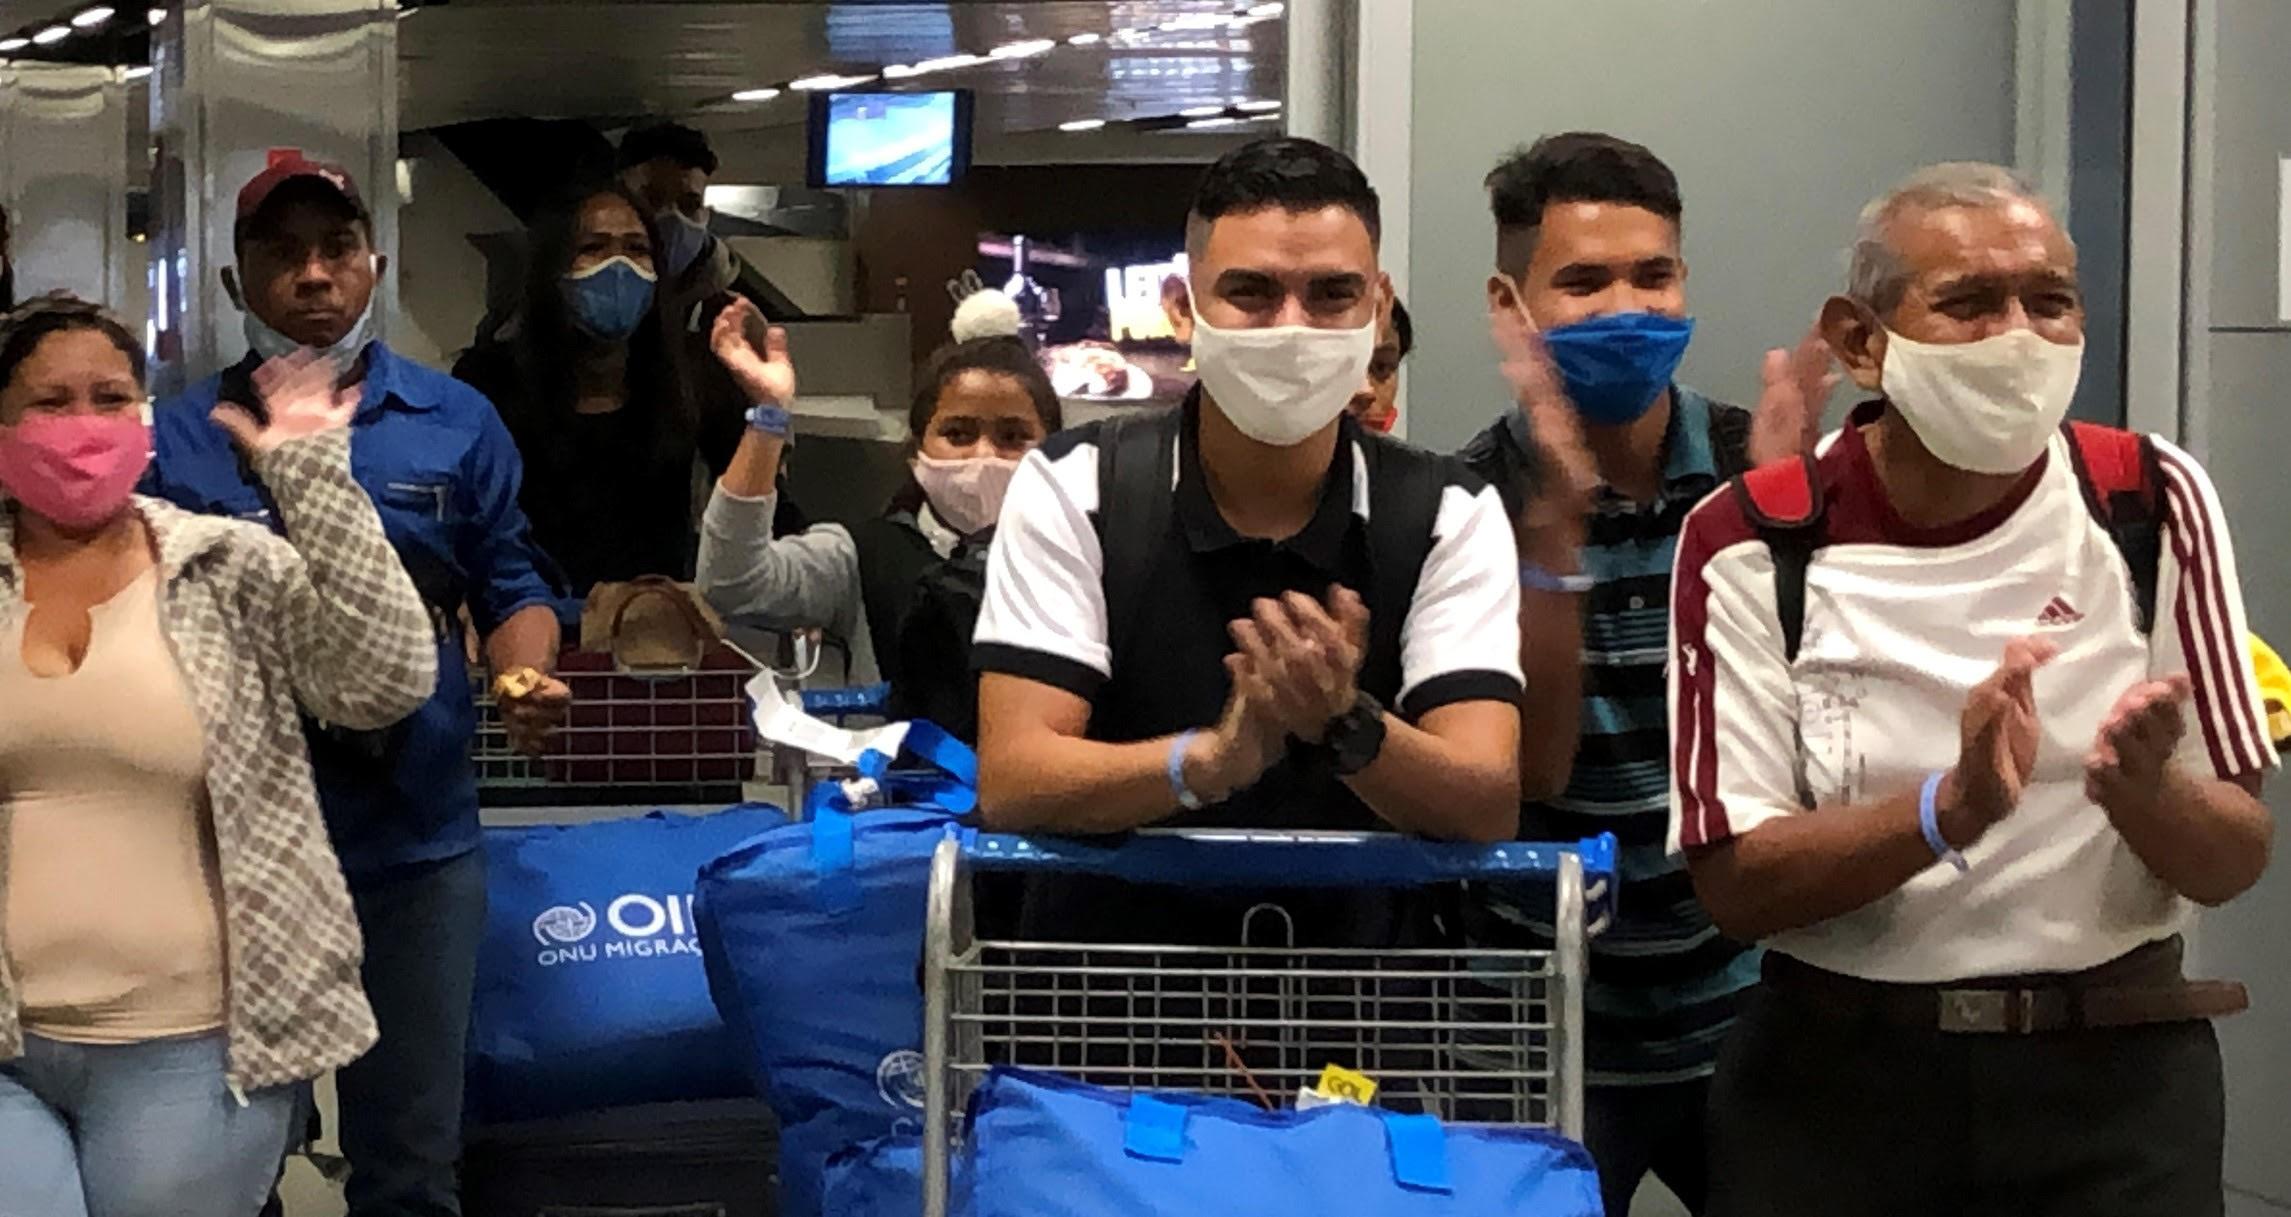 Durante pandemia, grupo de refugiados da Venezuela chega ao DF para começar vida nova